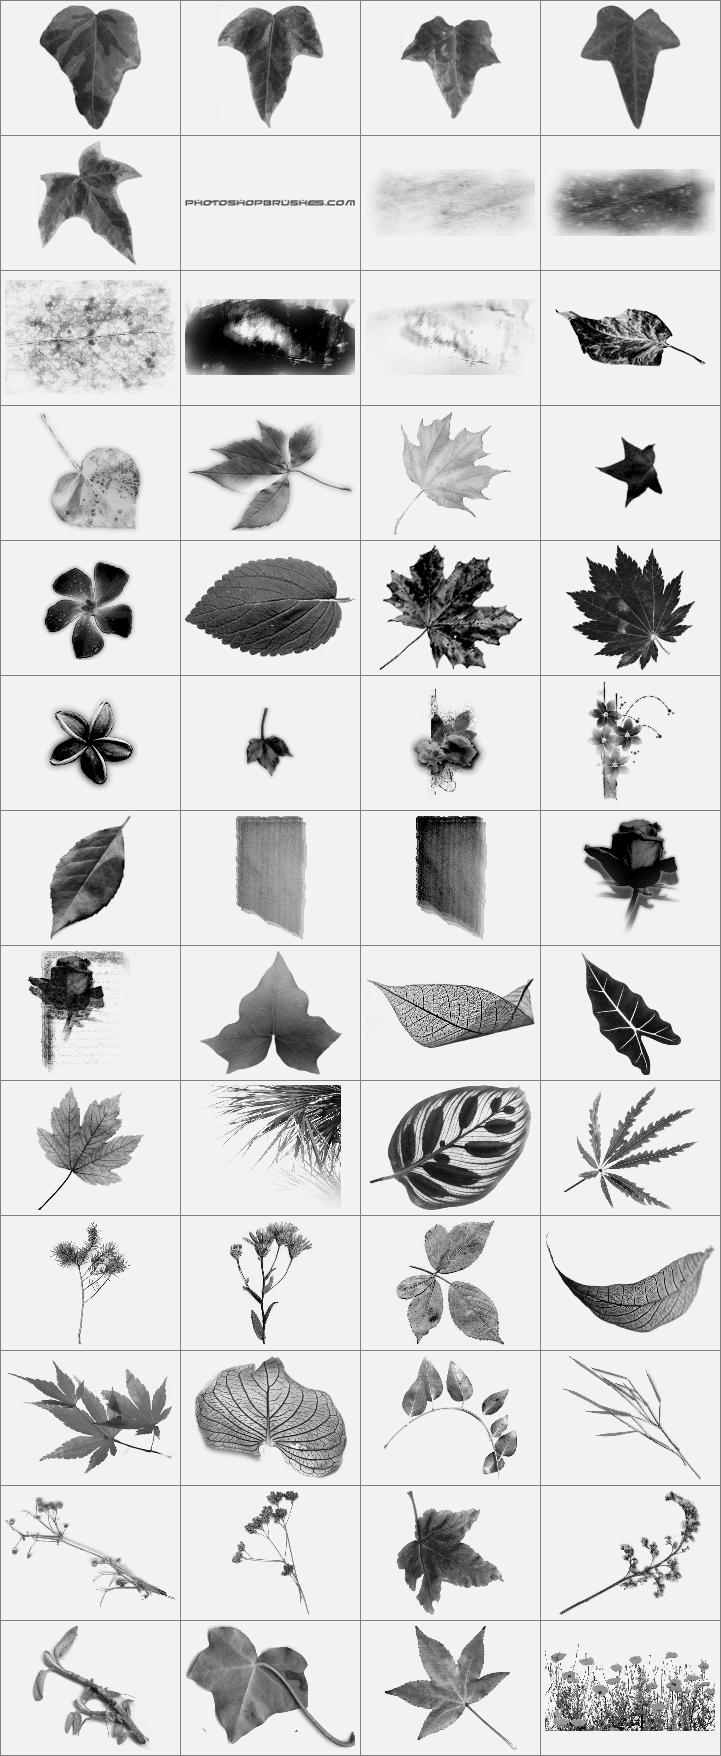 多种类型的植物树叶笔刷6个打包下载